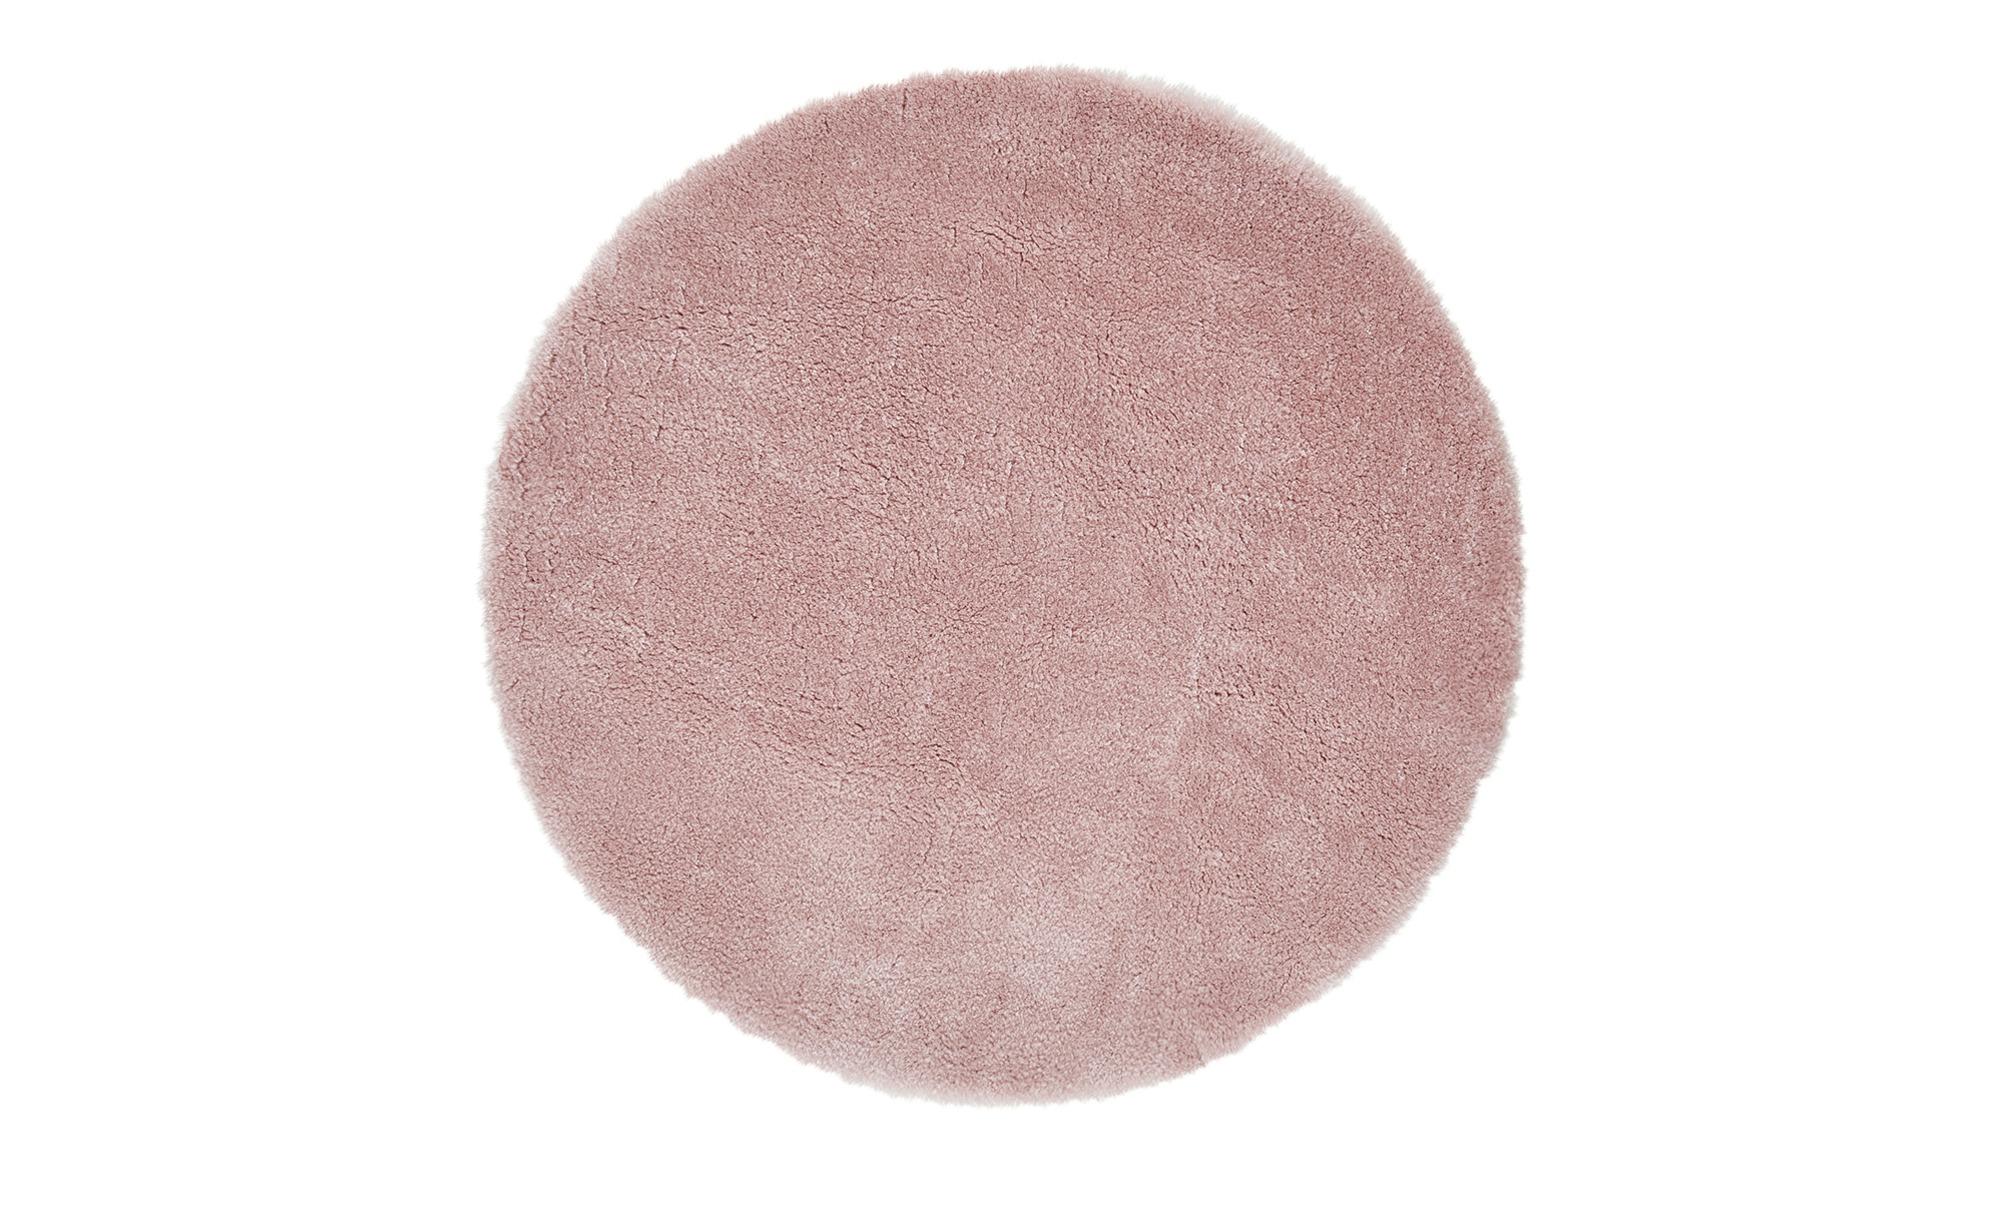 Kinderteppich  Lämmchen ¦ rosa/pink ¦ 100% Polyester, Suede-Rücken, Synthethische FasernØ: [80.0] Teppiche > Kinderteppiche - Höffner